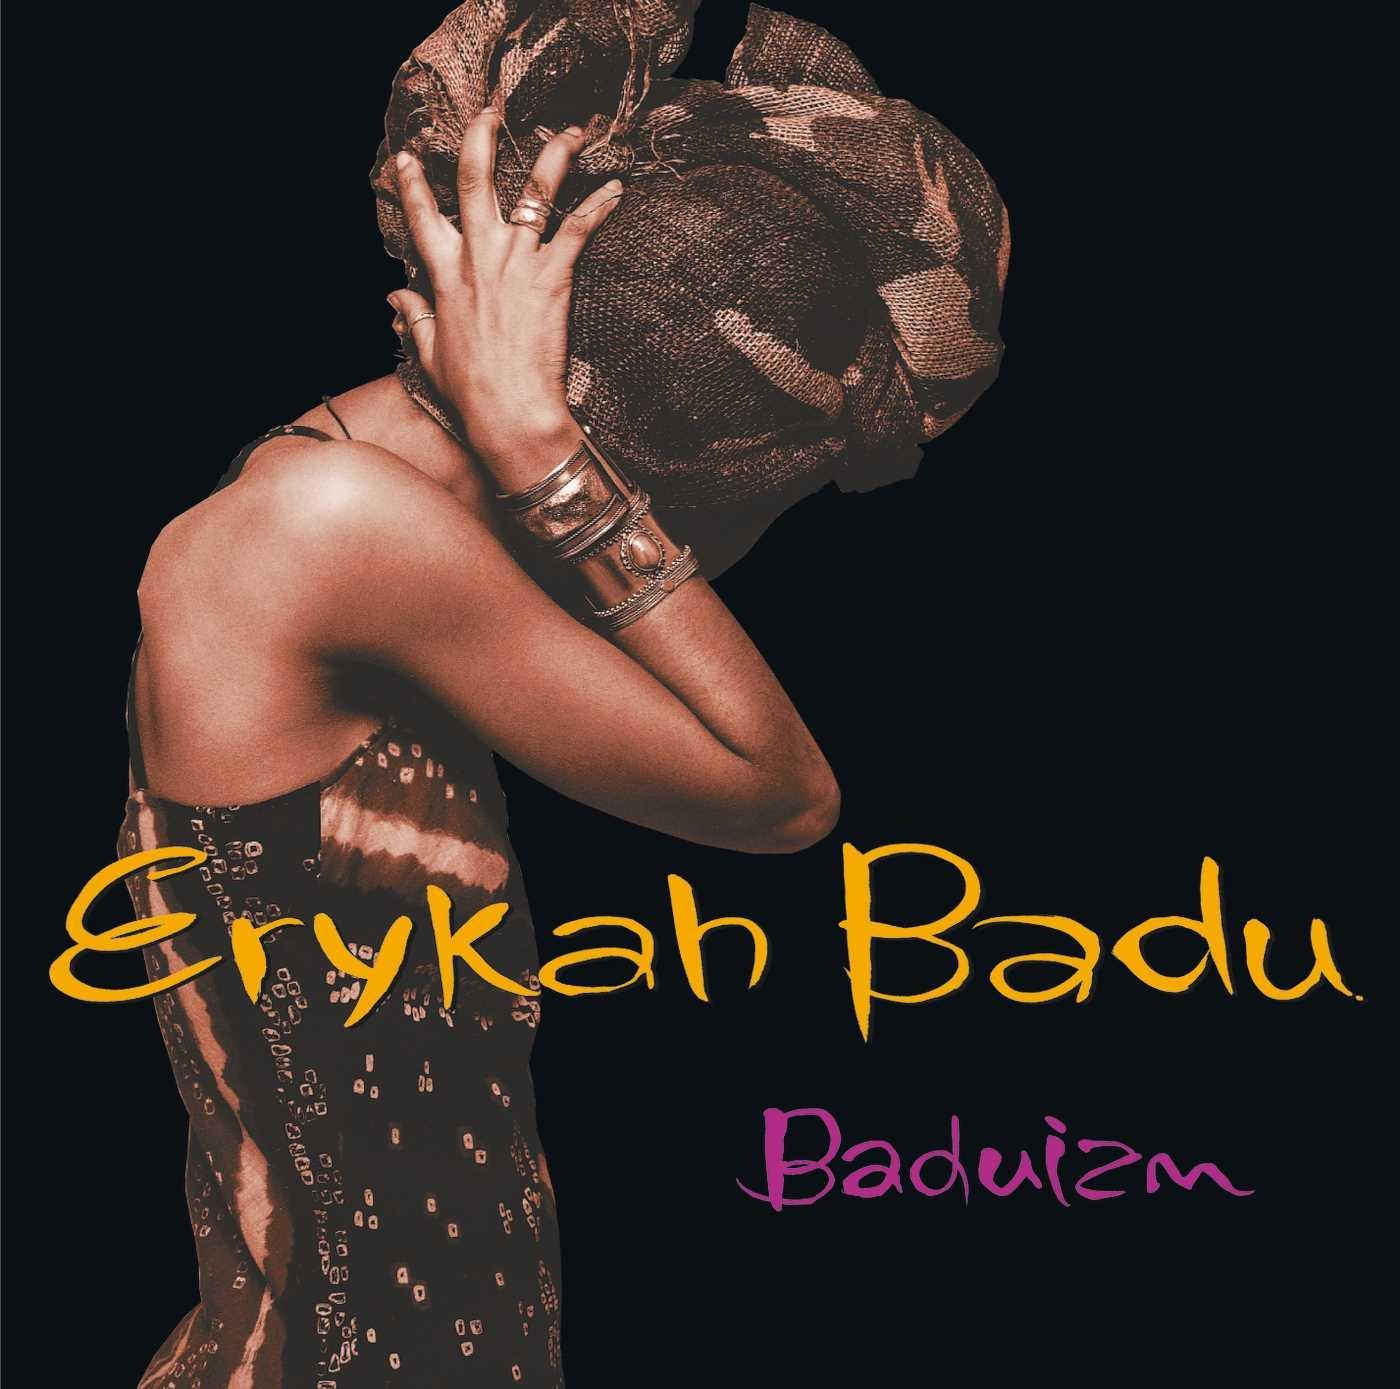 「エリカ・バドゥ『Baduizm』」の画像検索結果